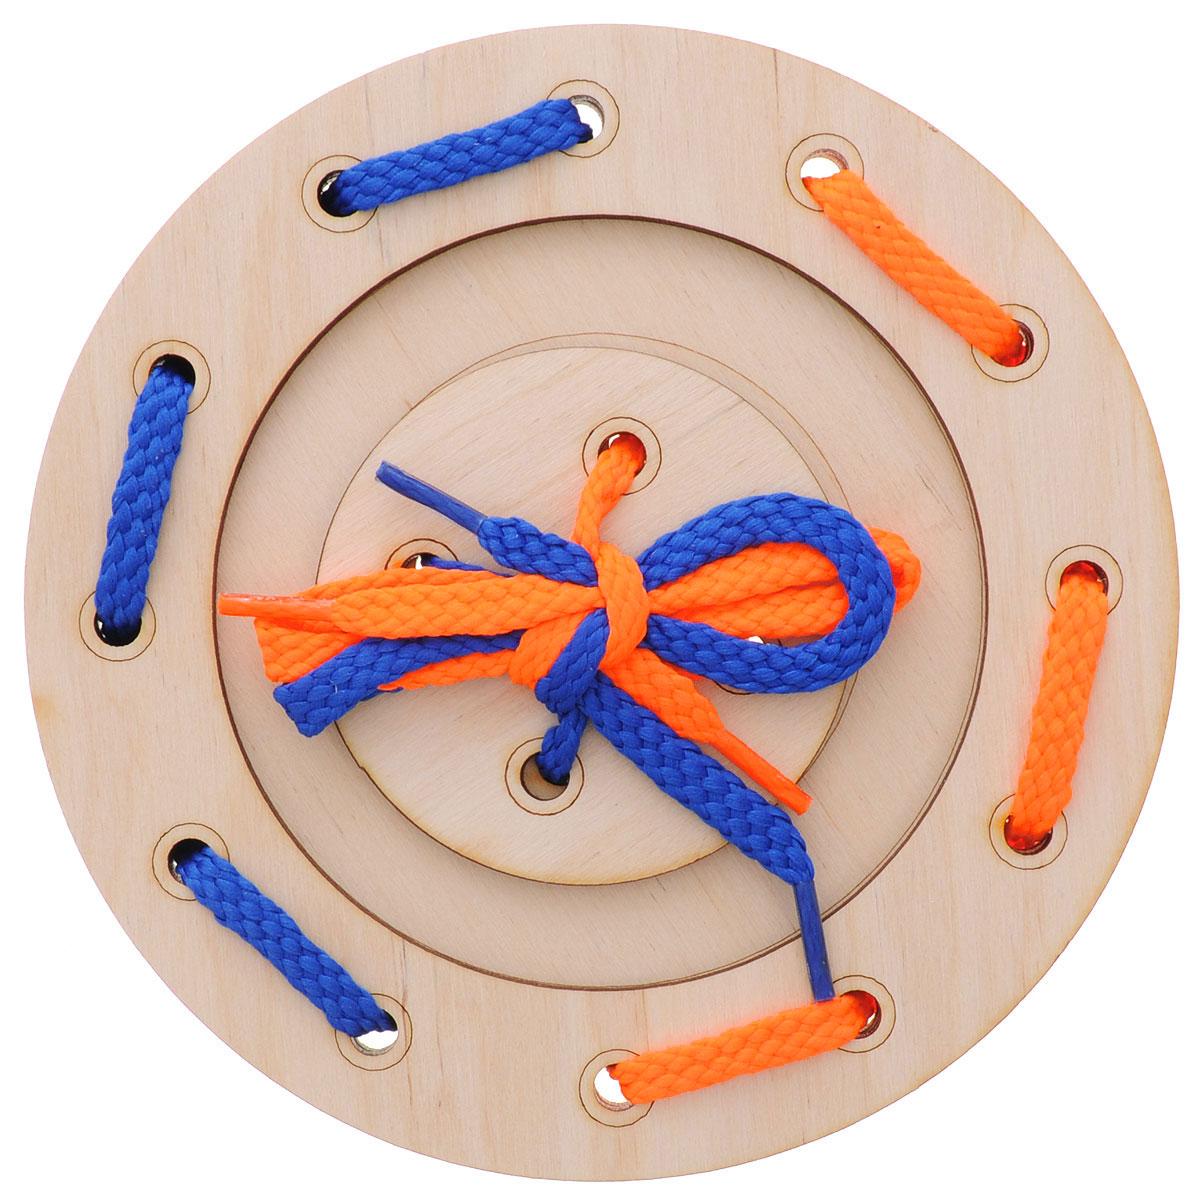 Мастер Вуд Игра-шнуровка Пуговичка цвет синий оранжевыйДШ-1_синий, оранжевыйИгра-шнуровка Мастер Вуд Пуговичка - яркая и несложная игрушка, которая очень понравится вашему малышу. Она выполнена из дерева лиственных пород в виде пуговки, состоящей из трех элементов. Задача малыша - продеть два шнурка разных цветов в отверстия основы, собрав пуговку. Игрушка- шнуровка развивает воображение, пространственное мышление, координацию движений, ловкость, положительно влияет на эмоциональное состояние ребенка и его настроение.